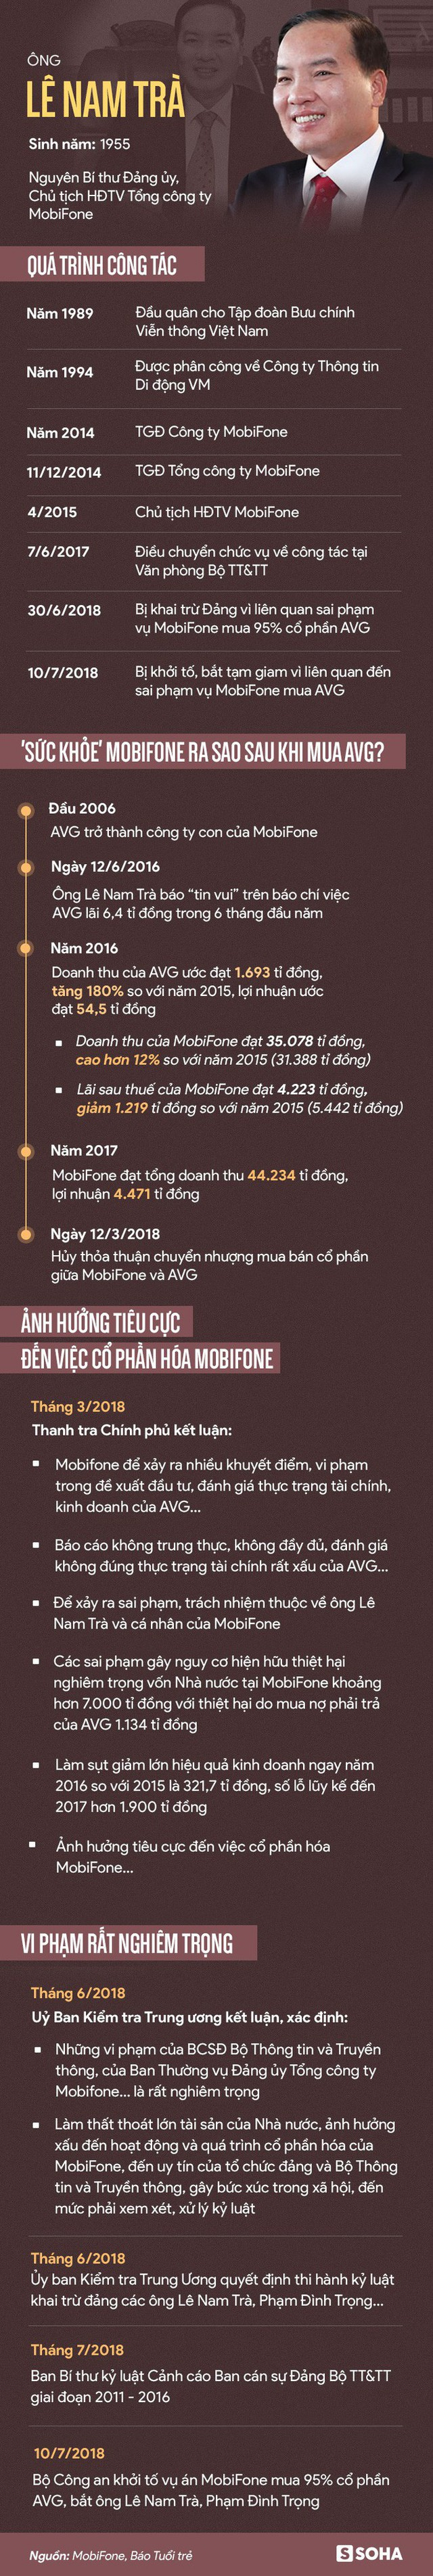 Những vi phạm rất nghiêm trọng vụ MobiFone mua AVG dẫn đến việc ông Lê Nam Trà bị bắt - Ảnh 1.